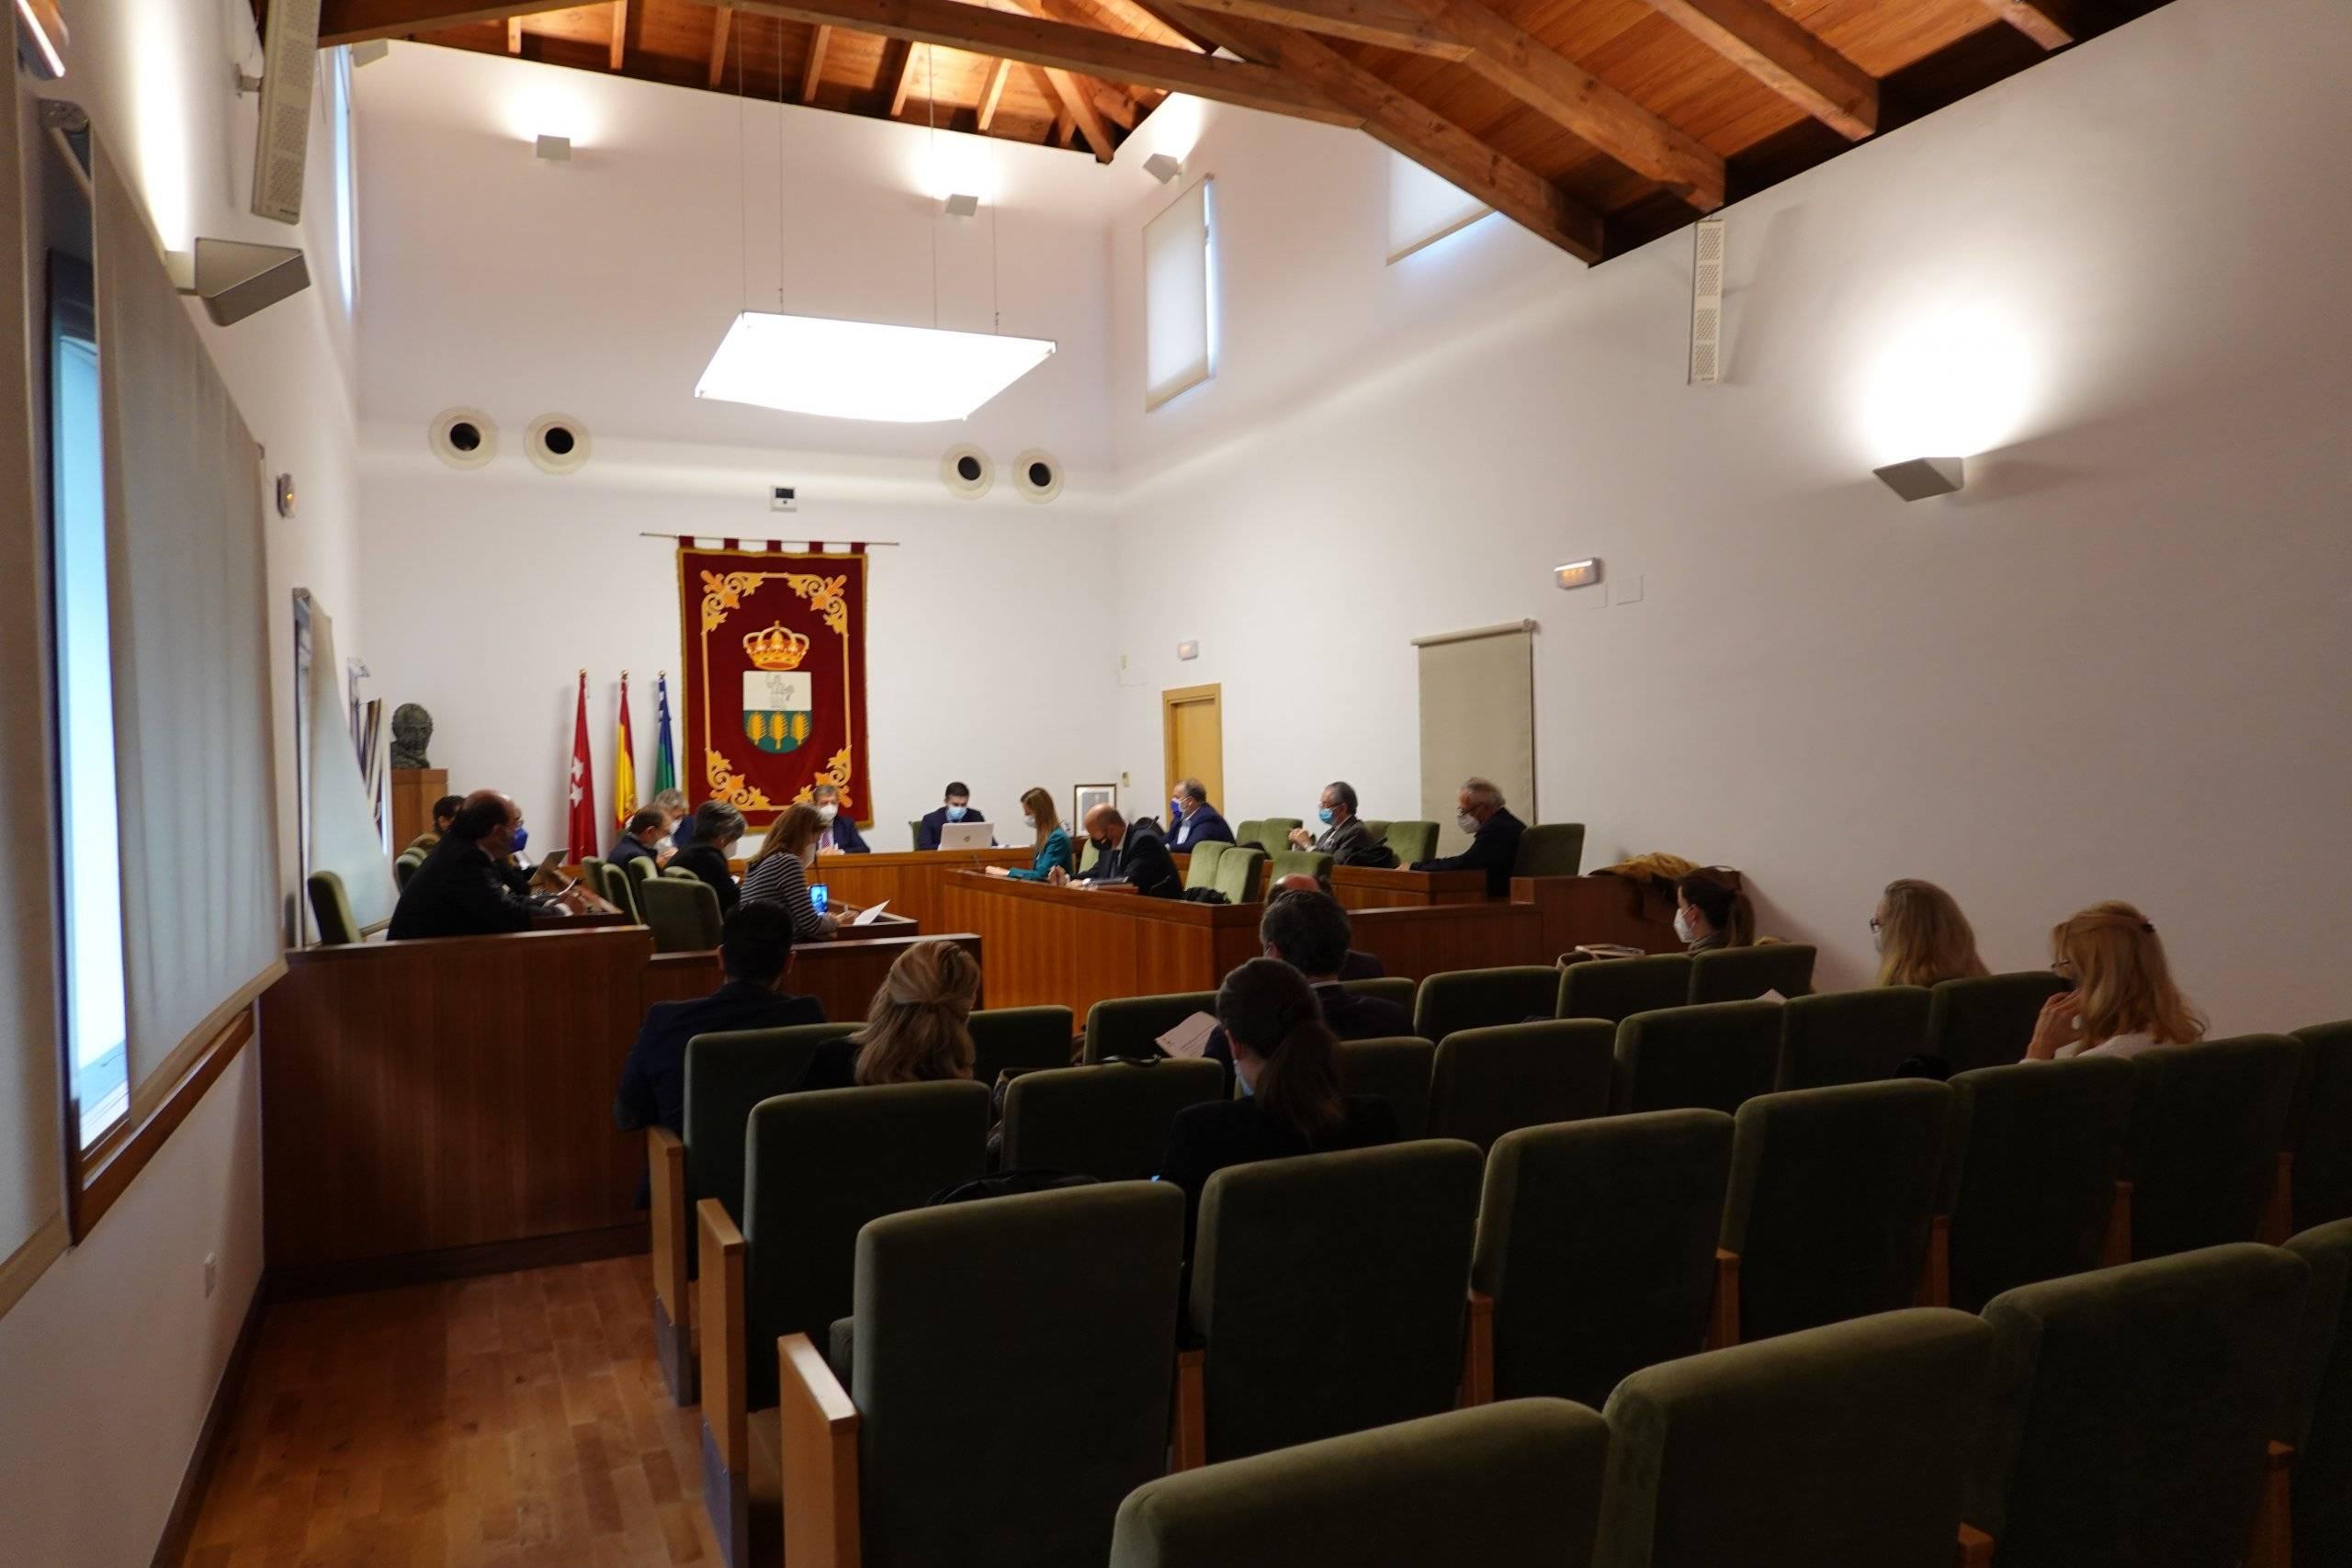 El Salón de Plenos durante la sesión ordinaria.